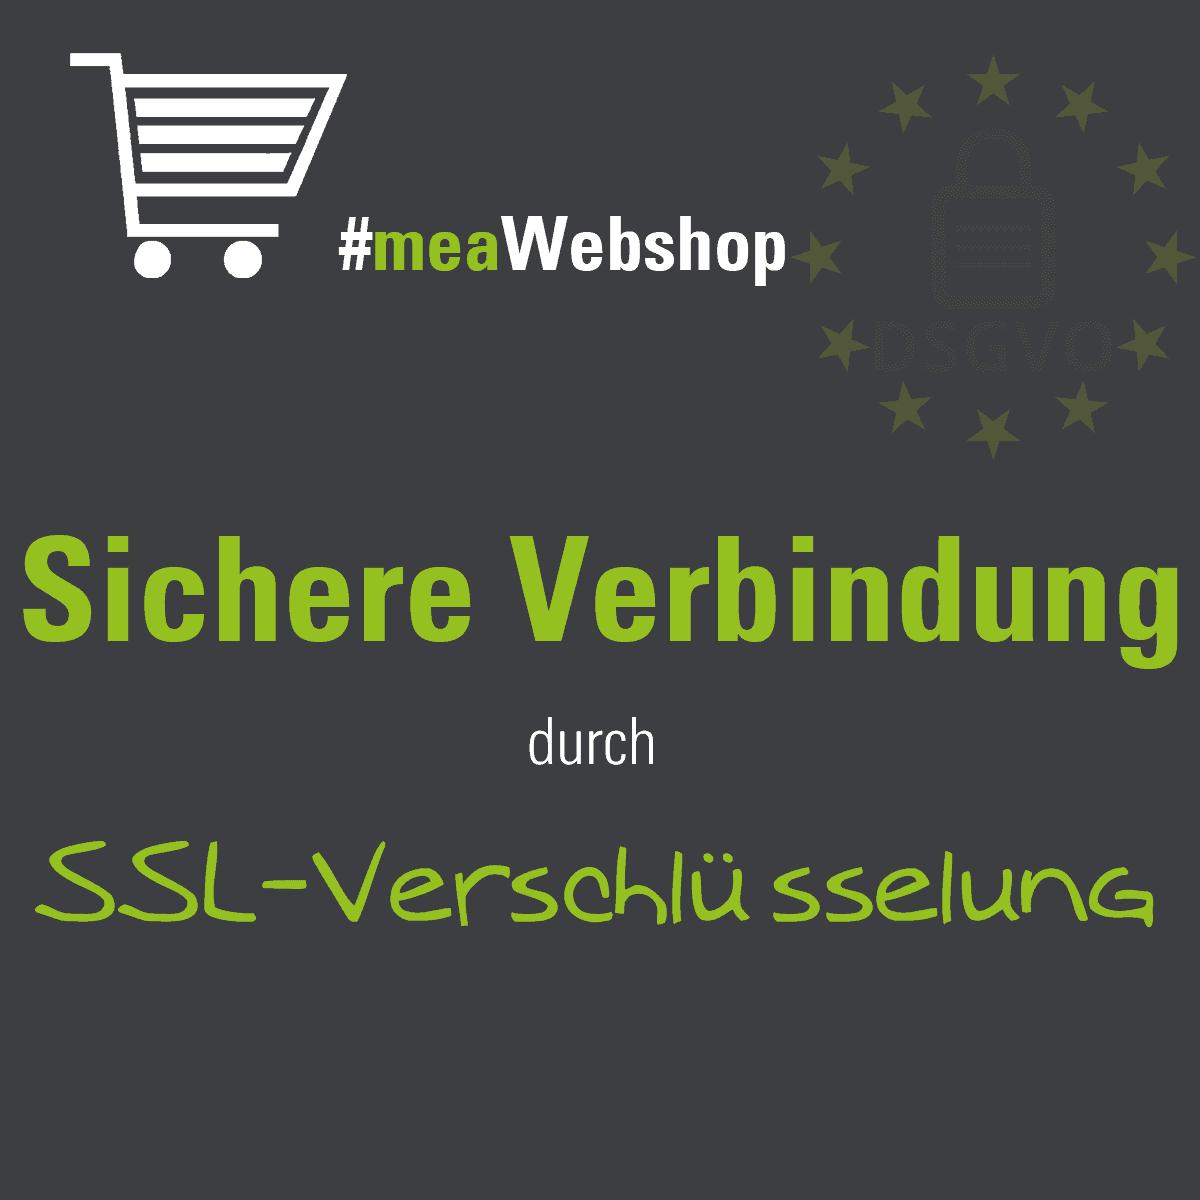 Sichere Verbindung mit SSL-Verschlüsselung